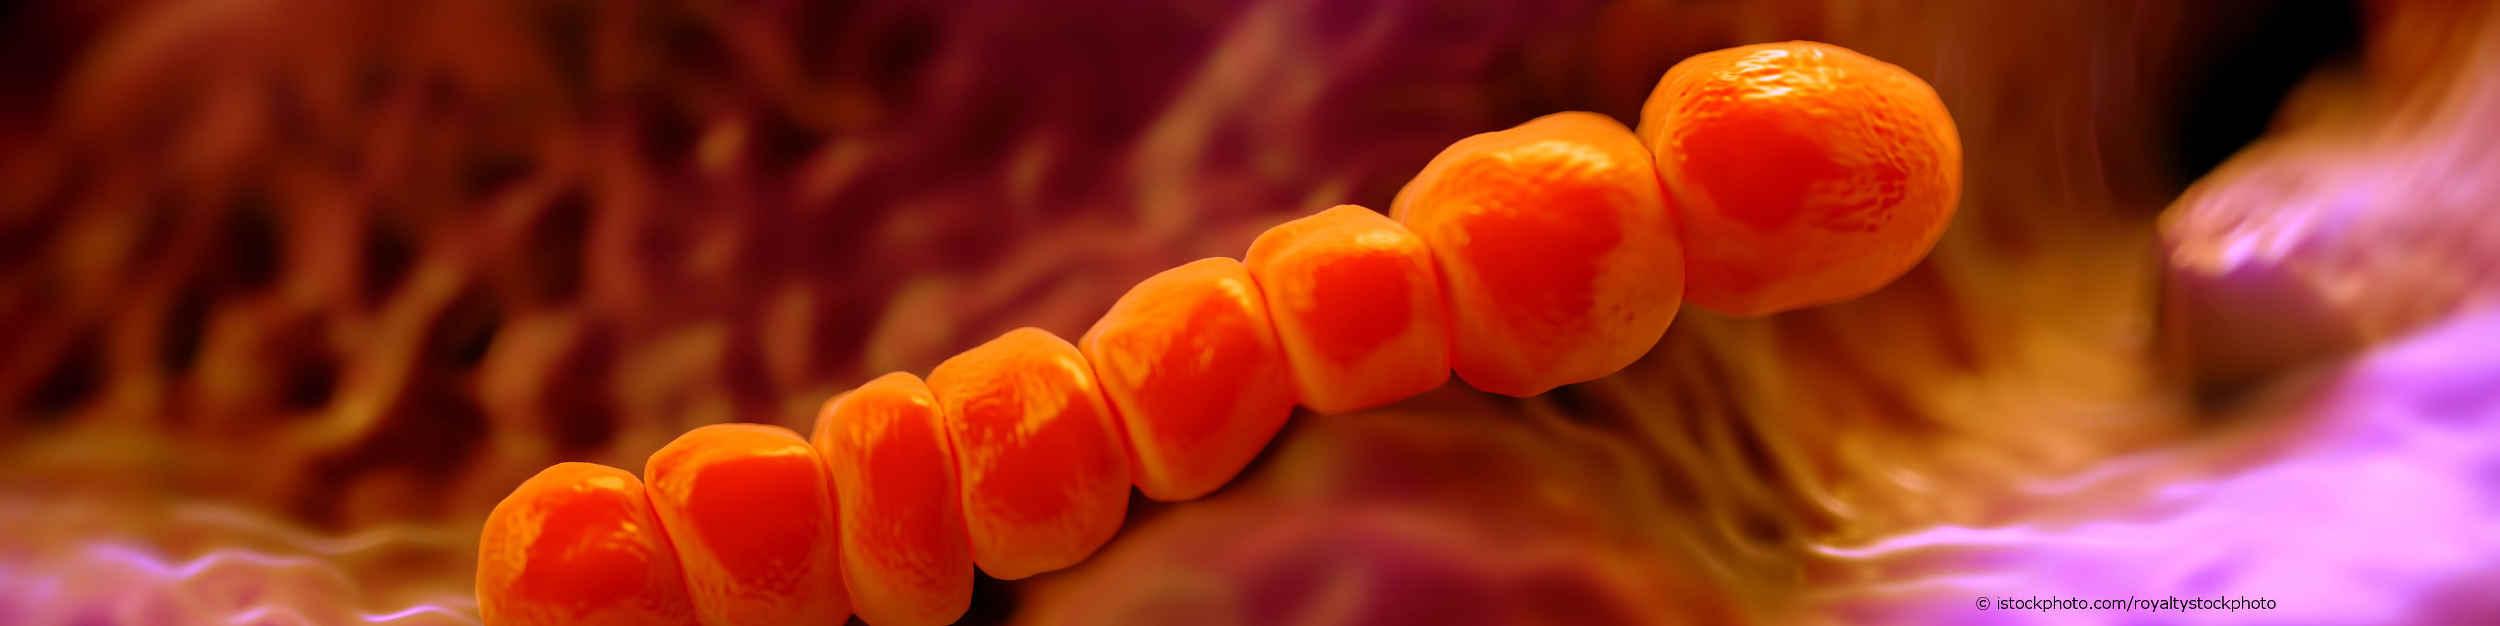 Pneumokokken kommen im Nasen- und Rachenraum des Menschen vor.